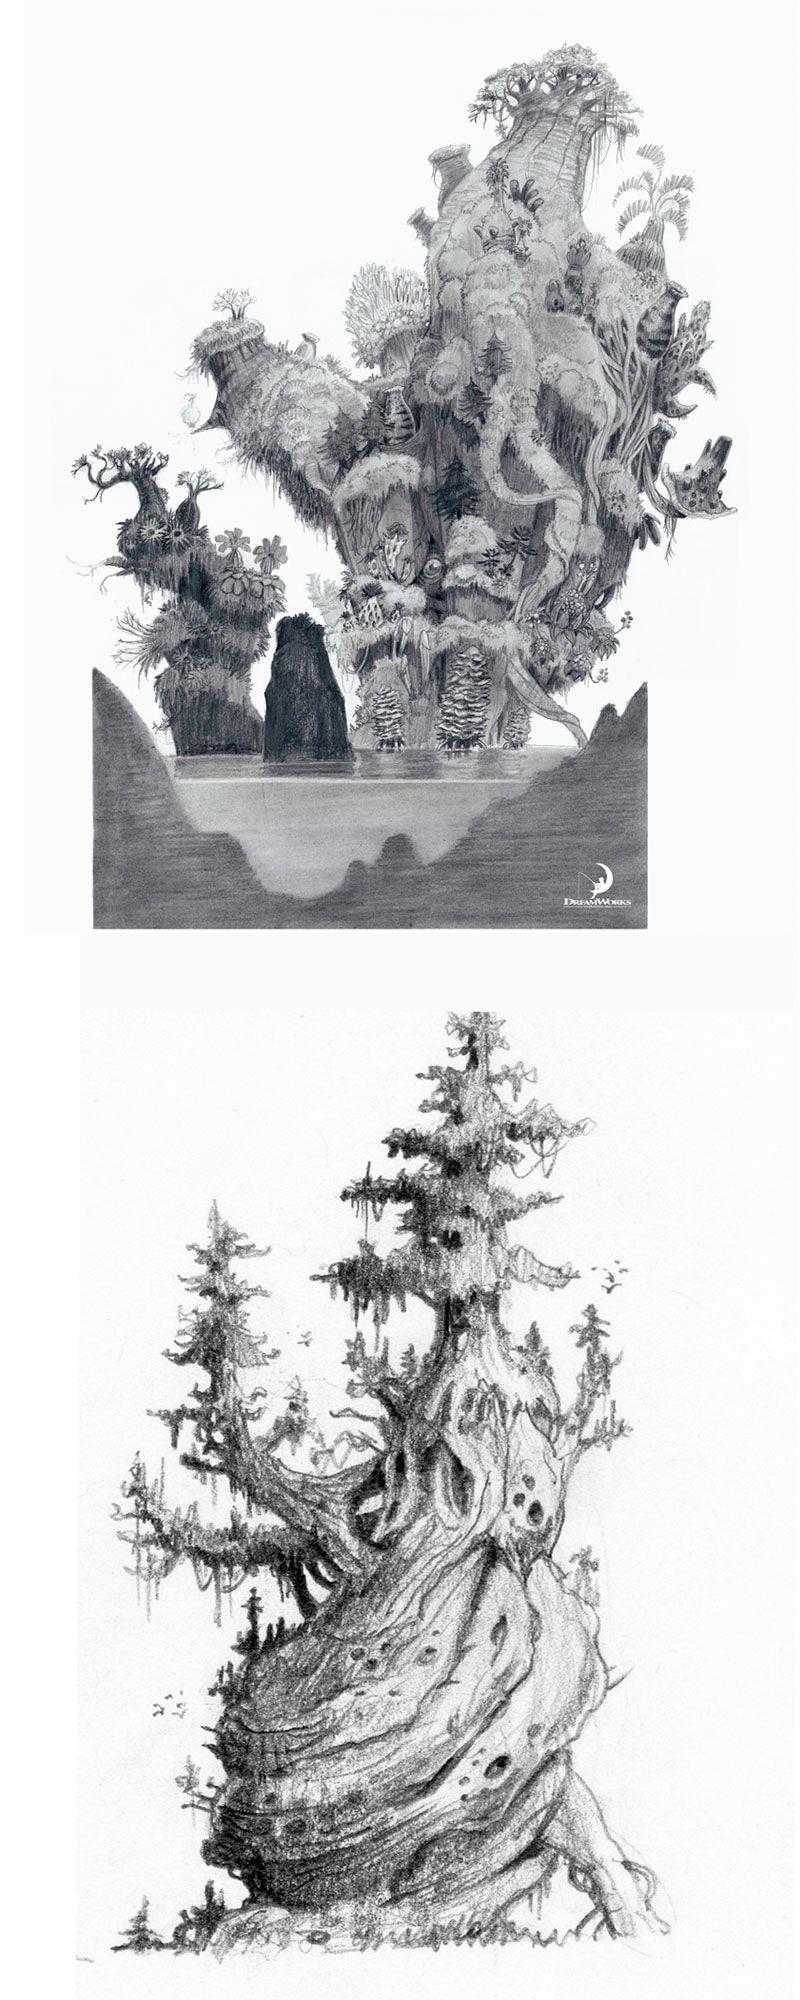 Trabalhos de Nicolas Weis para The Croods   THECAB - The Concept Art Blog #environment